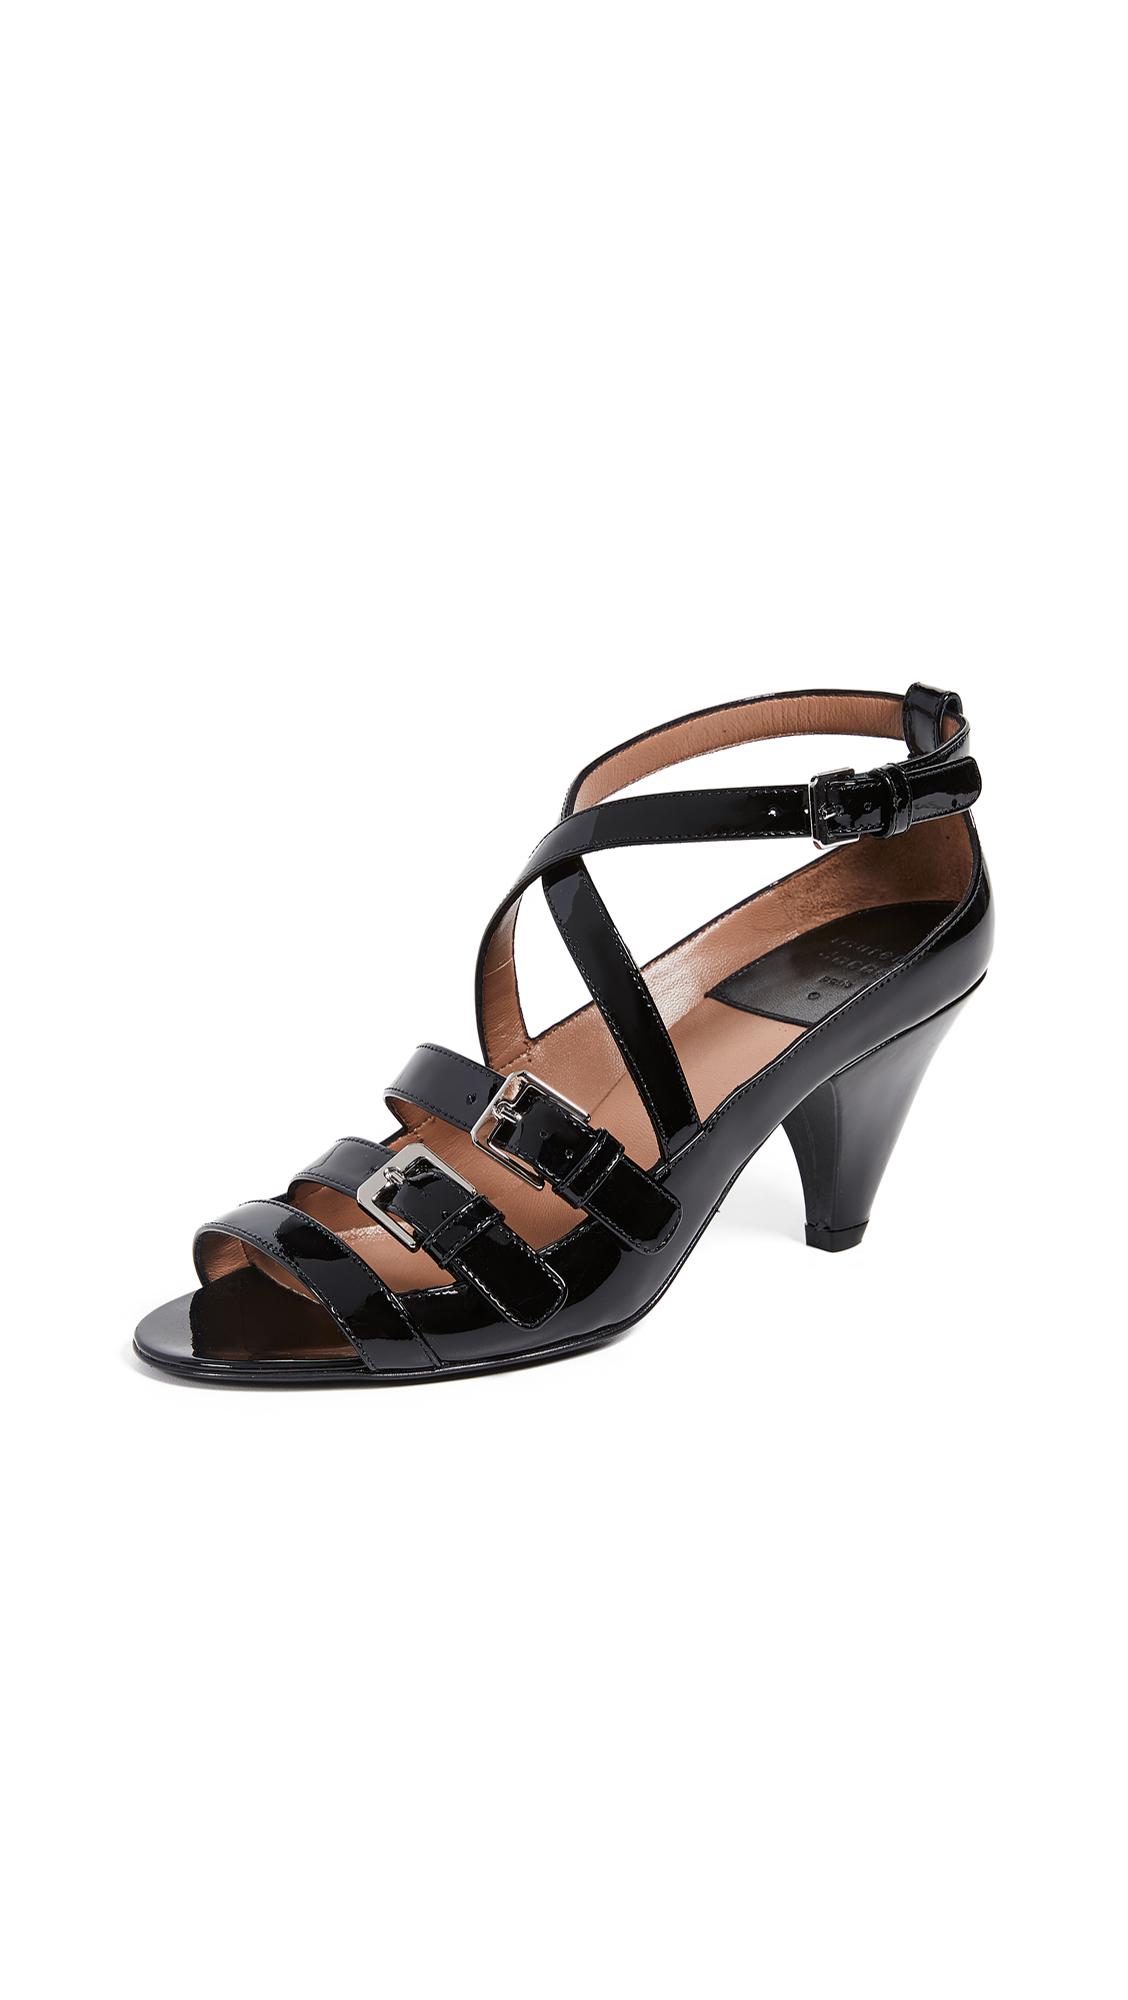 Laurence Dacade Teodora Heels - Black